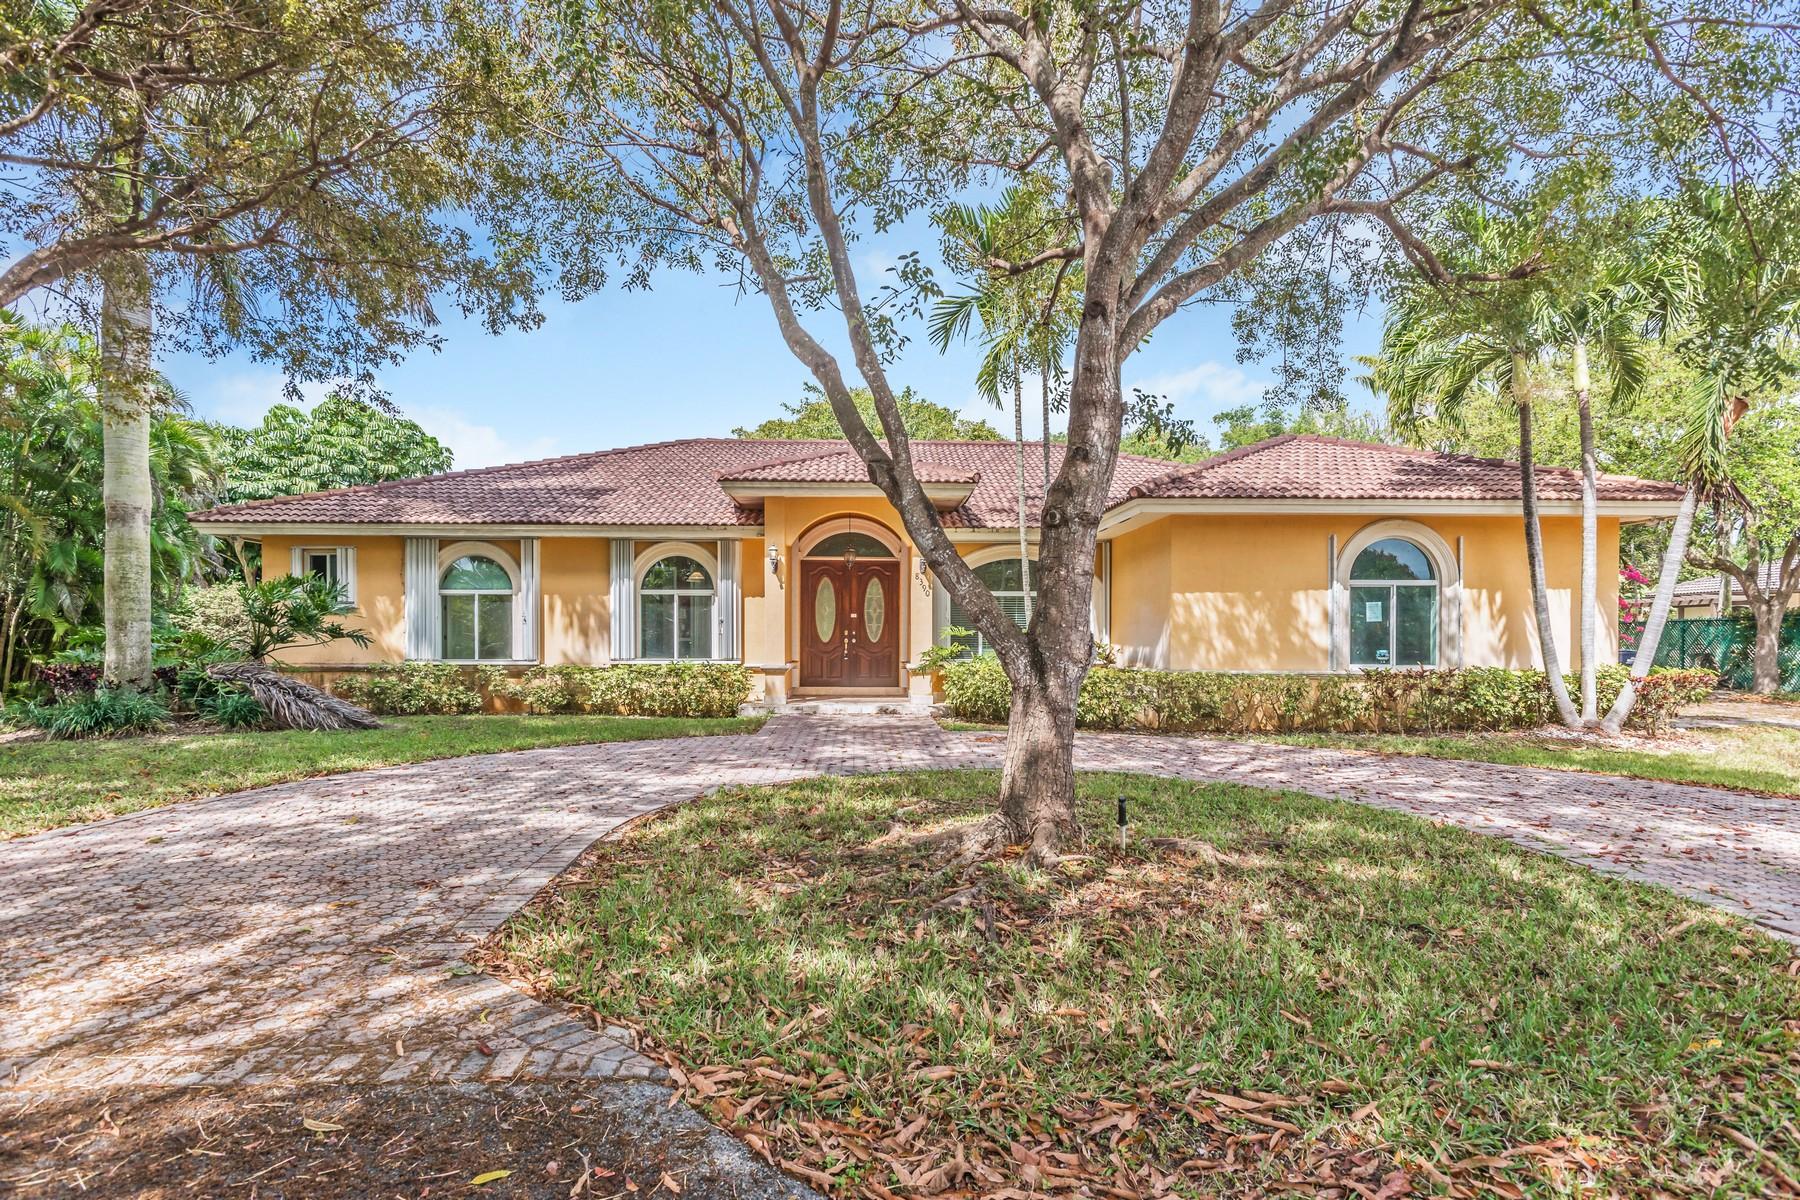 独户住宅 为 销售 在 8390 Sw 134 St 派恩克雷斯特, 佛罗里达州, 33156 美国